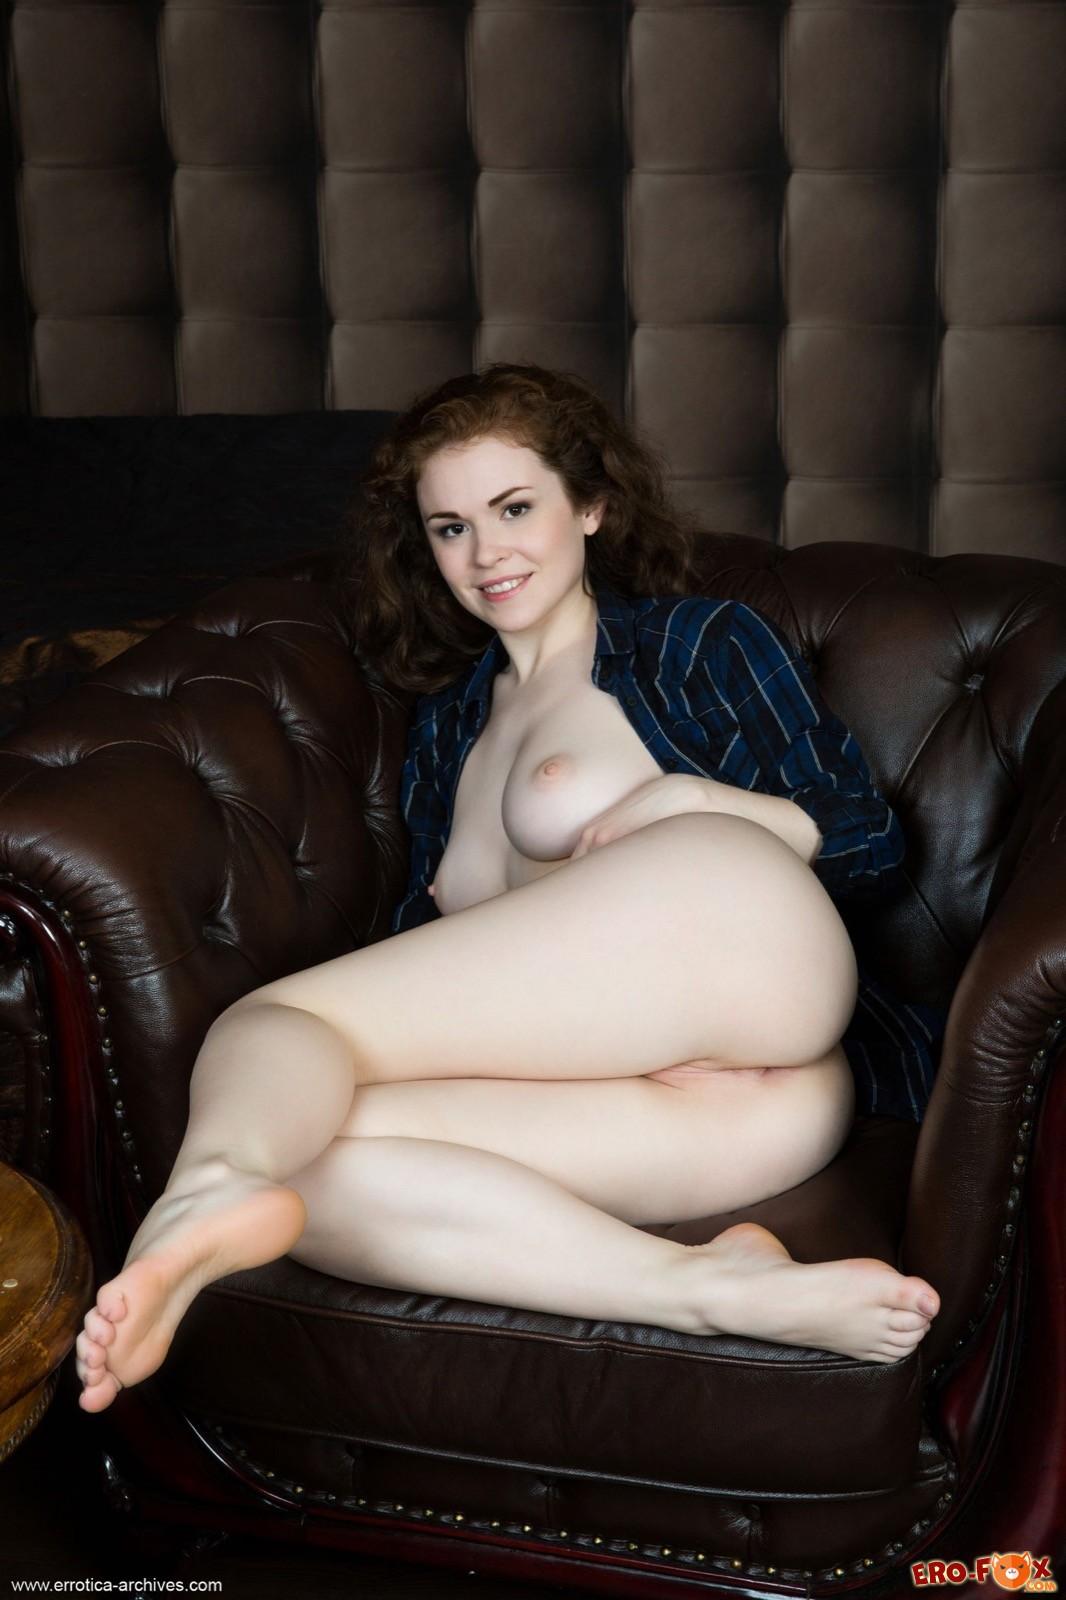 Кудрявая девушка с большими сиськами